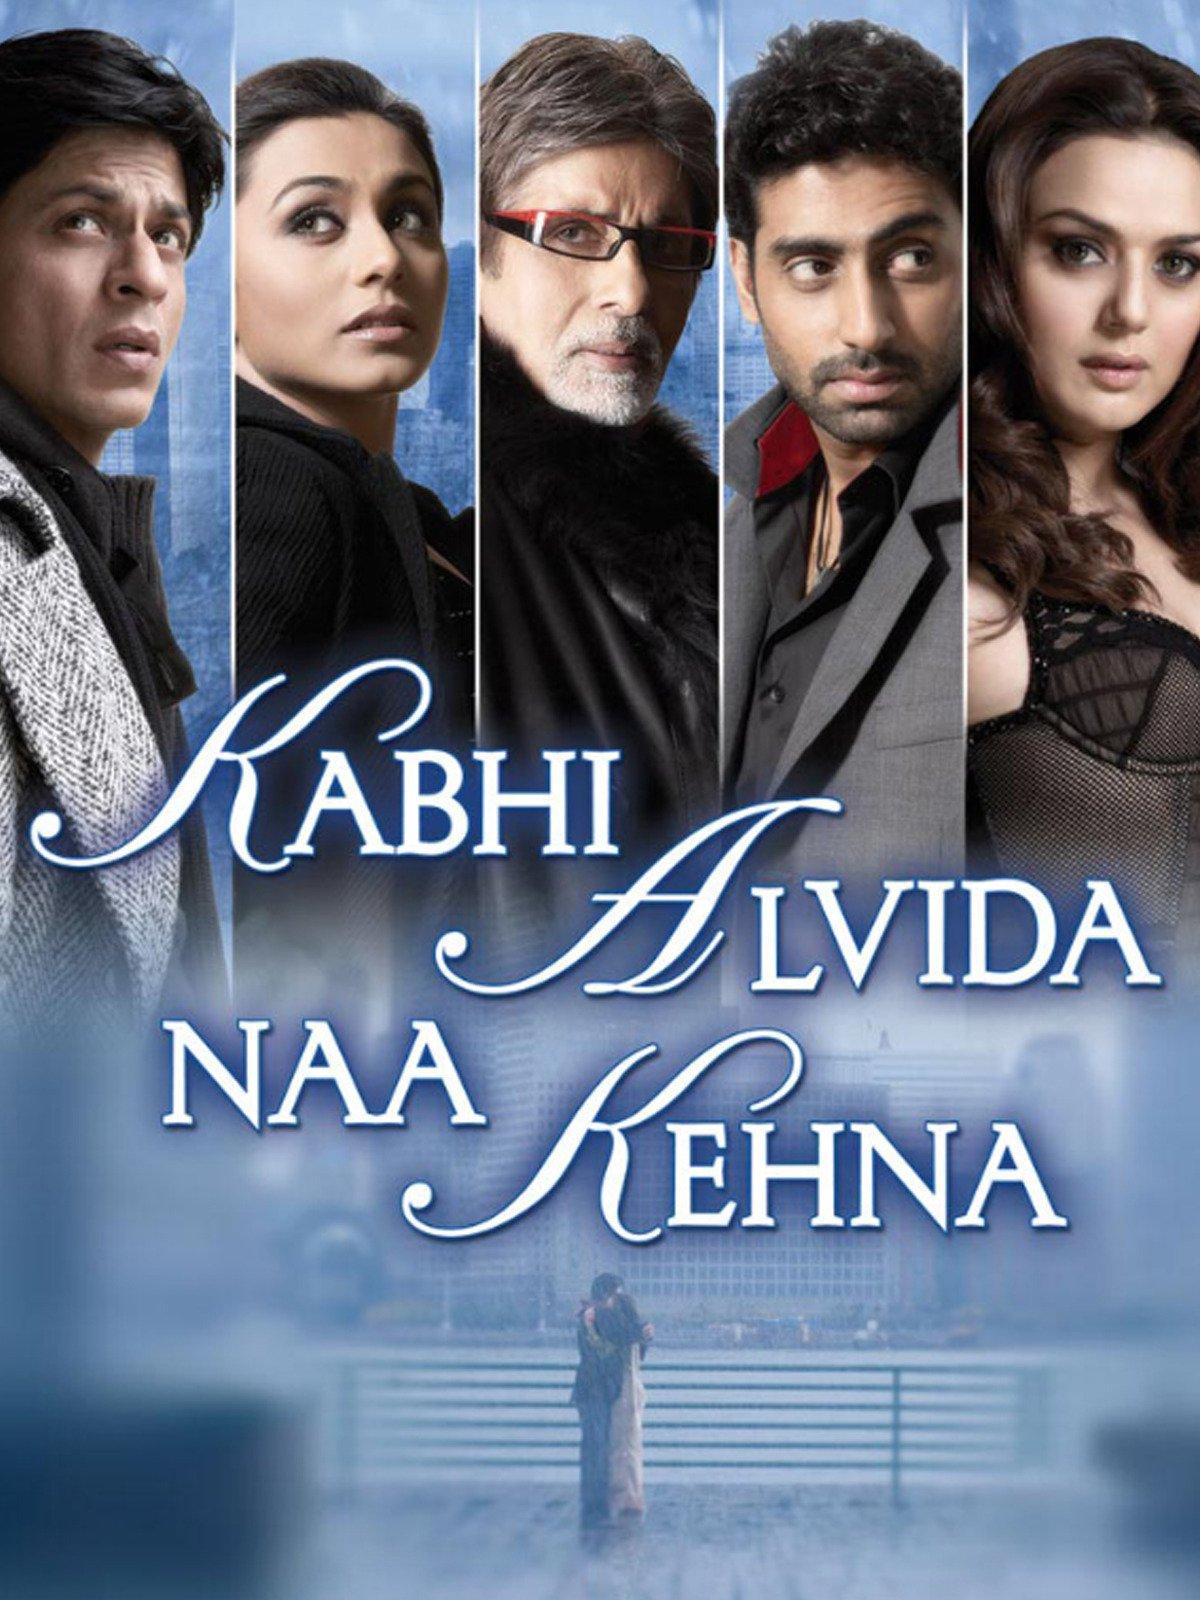 Kabhi Alvida Naa Kehna on Amazon Prime Video UK